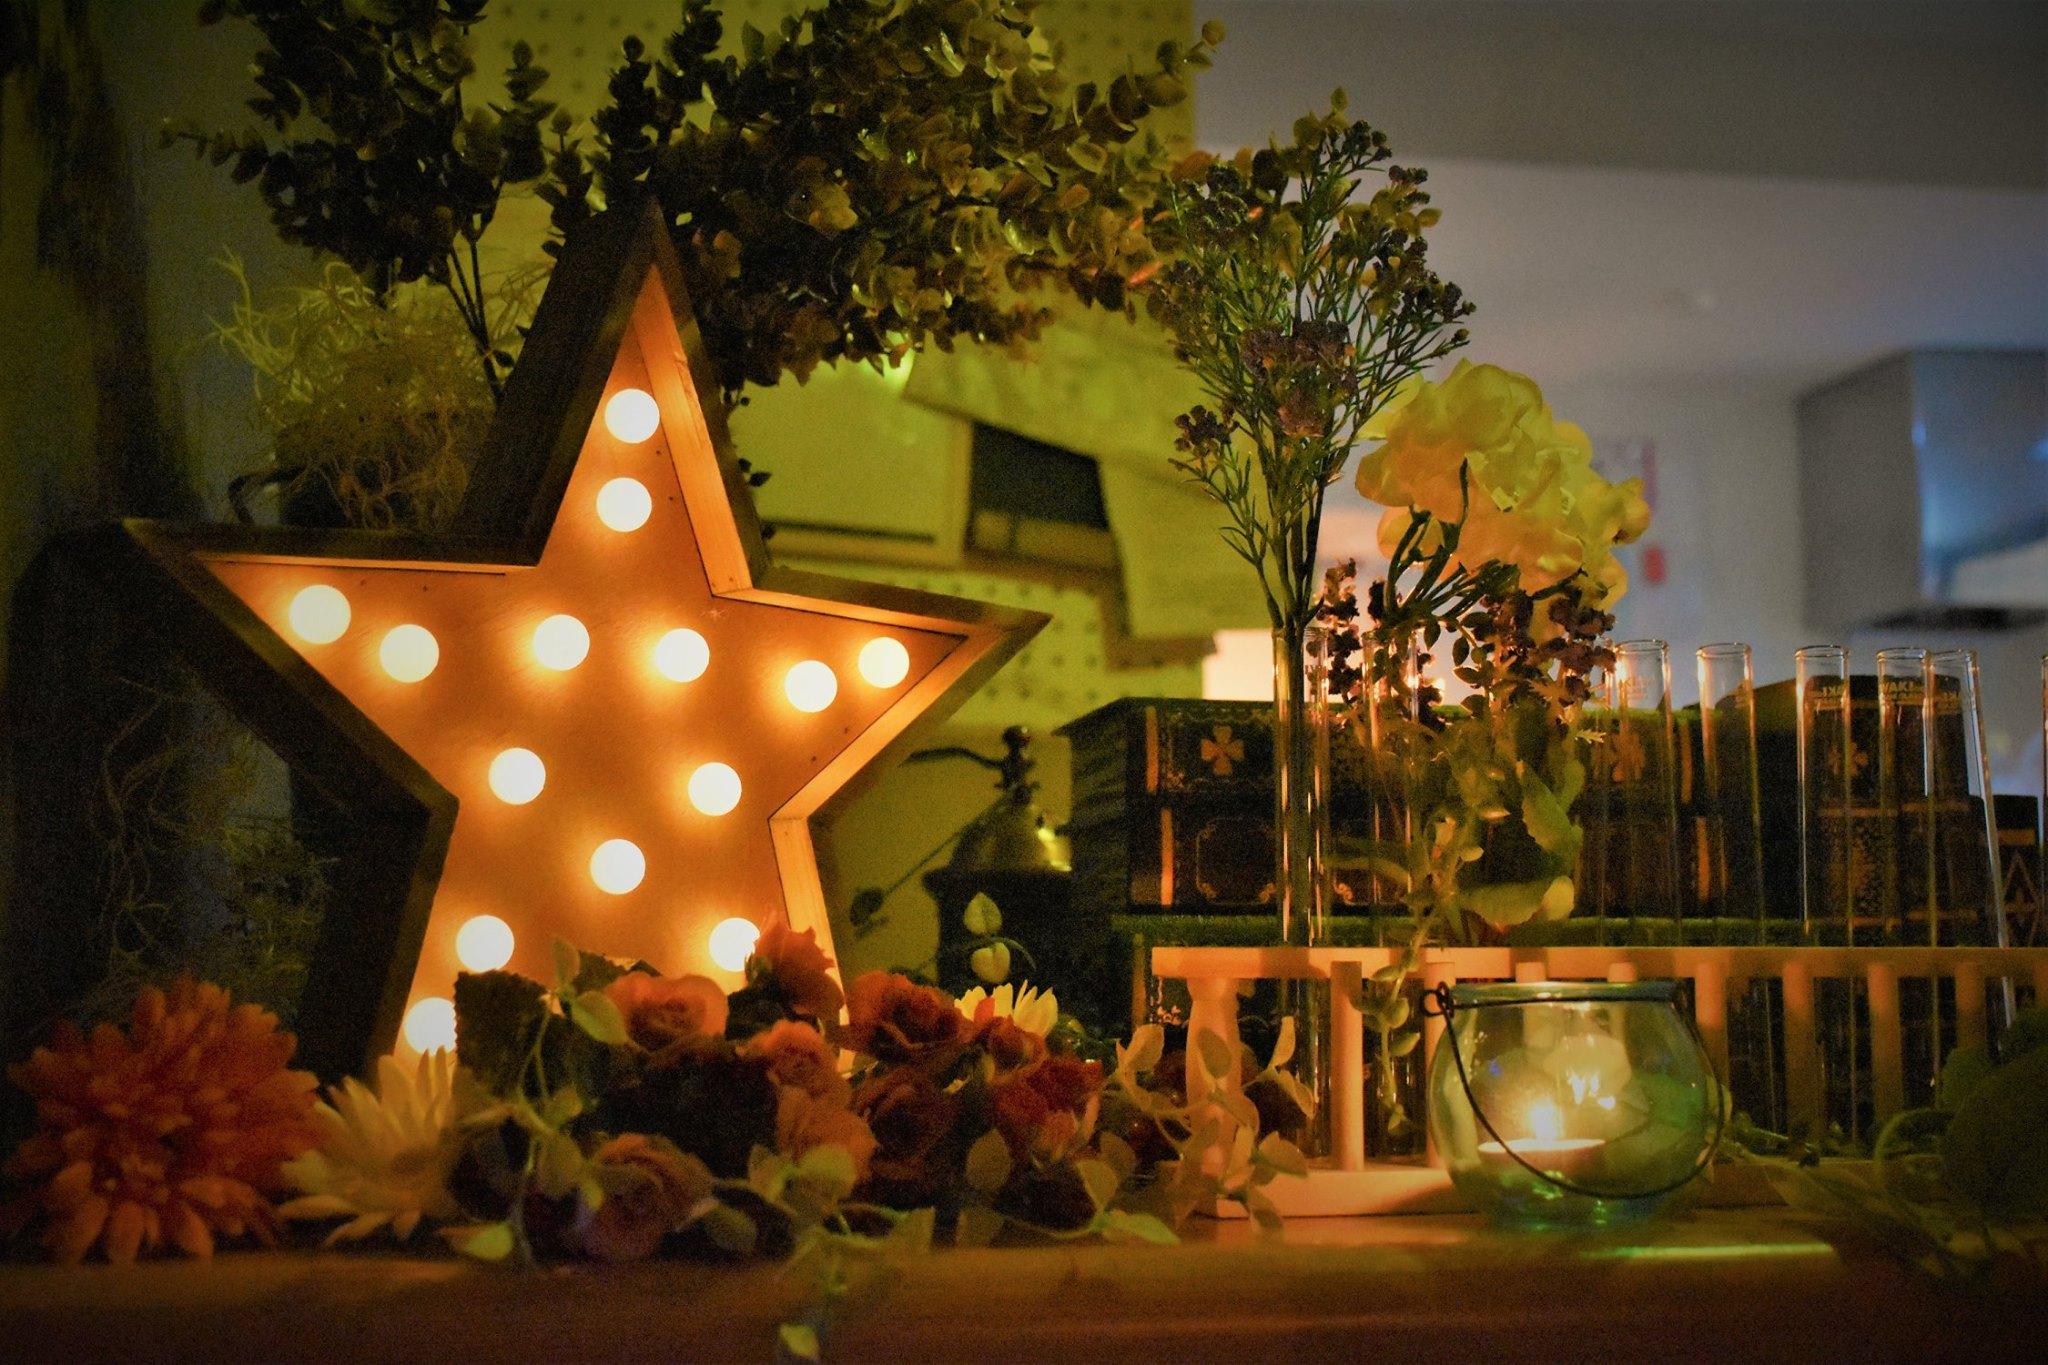 星降るtabiccoカフェへ、よーこそ!